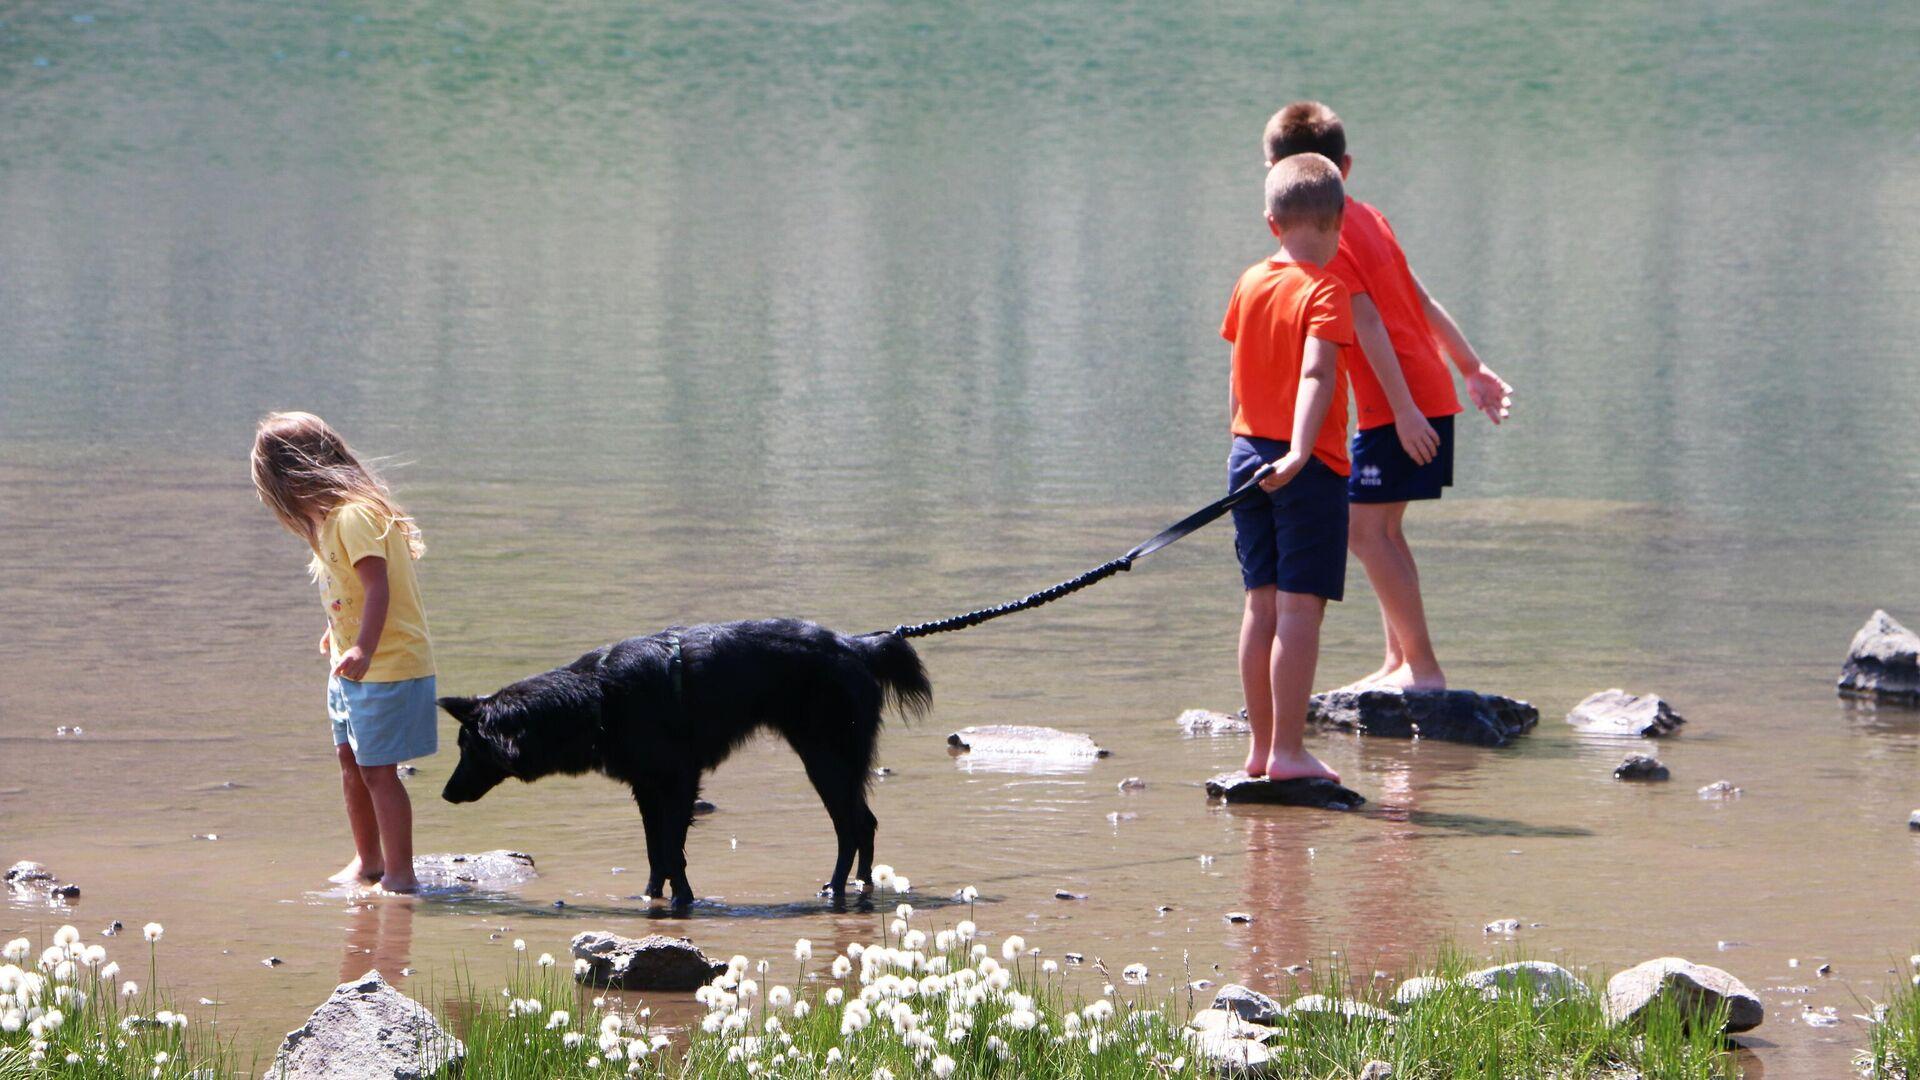 Un cane con un padrone fanno un giro in un parco in Italia - Sputnik Italia, 1920, 19.08.2021